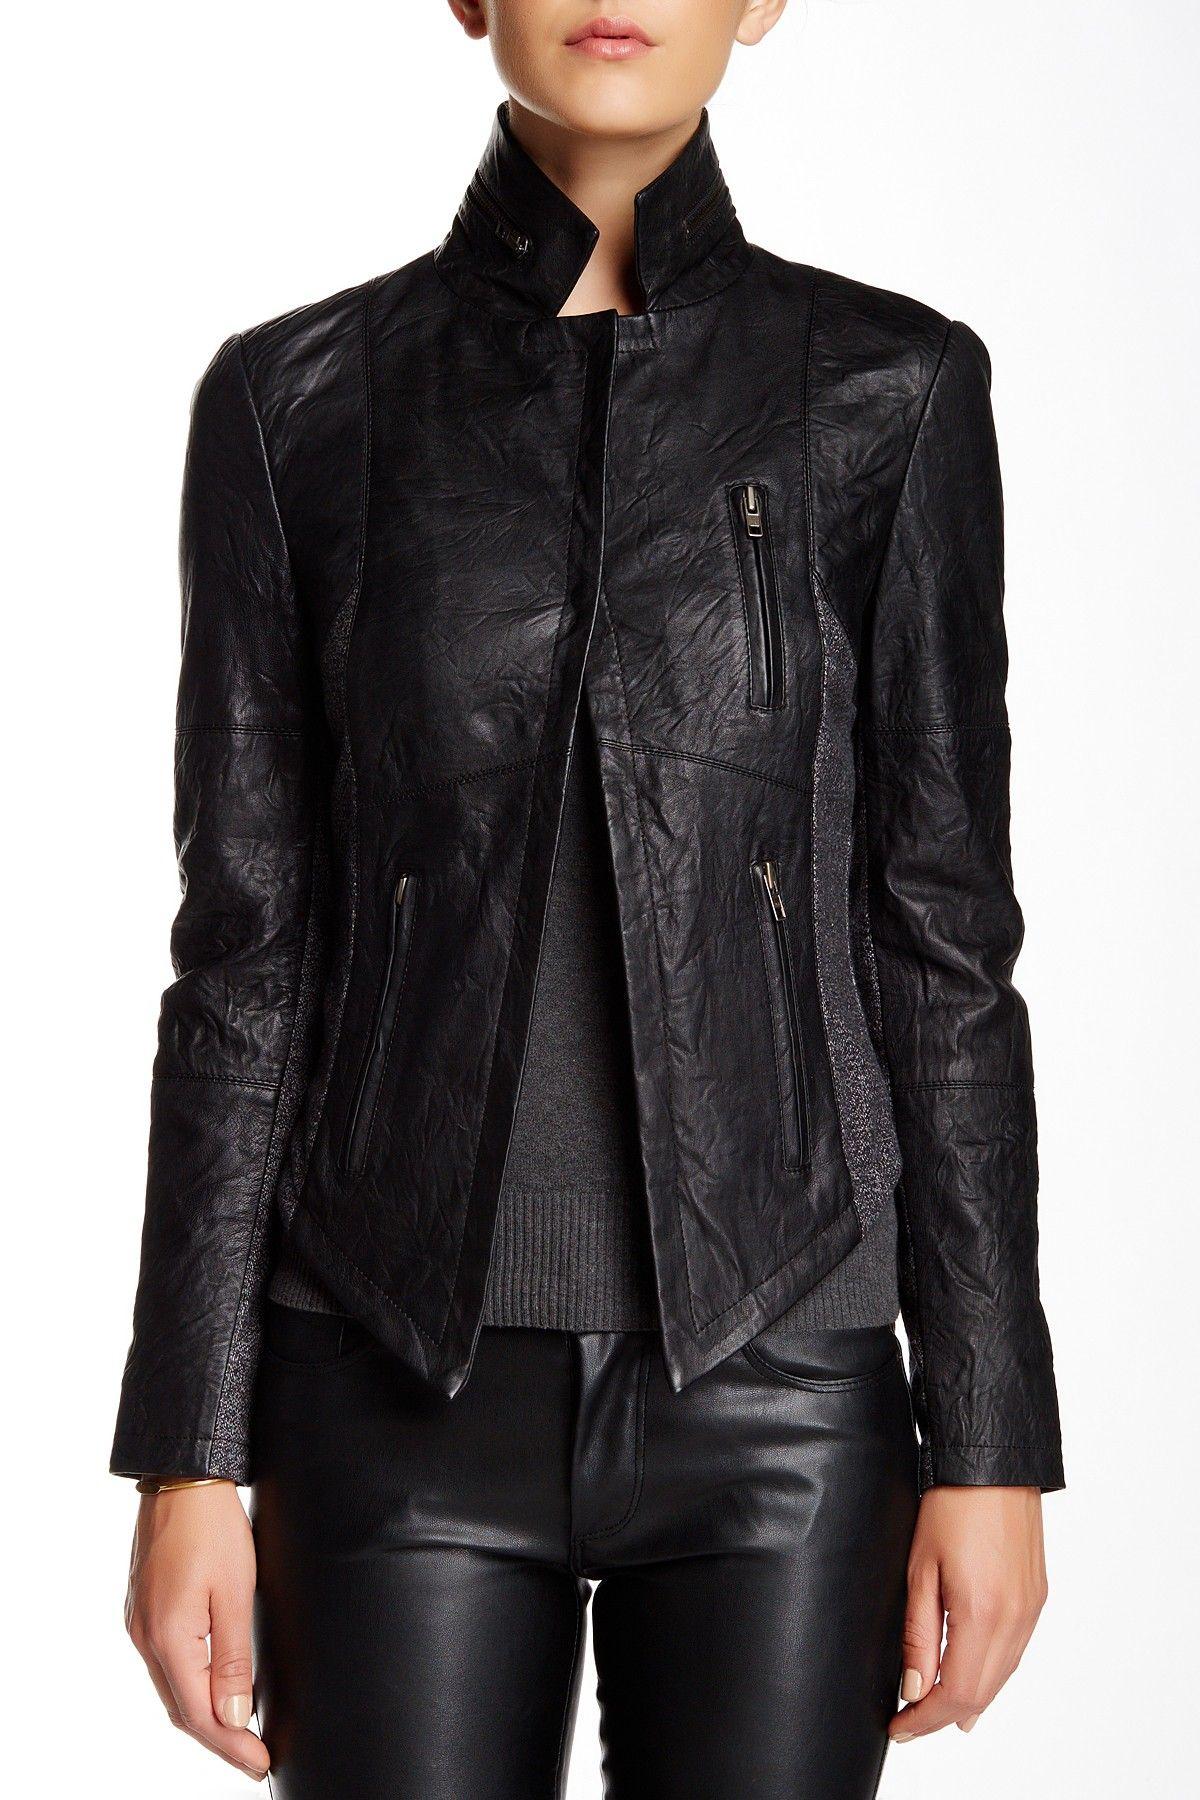 Walter Baker Nori Leather Jacket Jackets, Leather